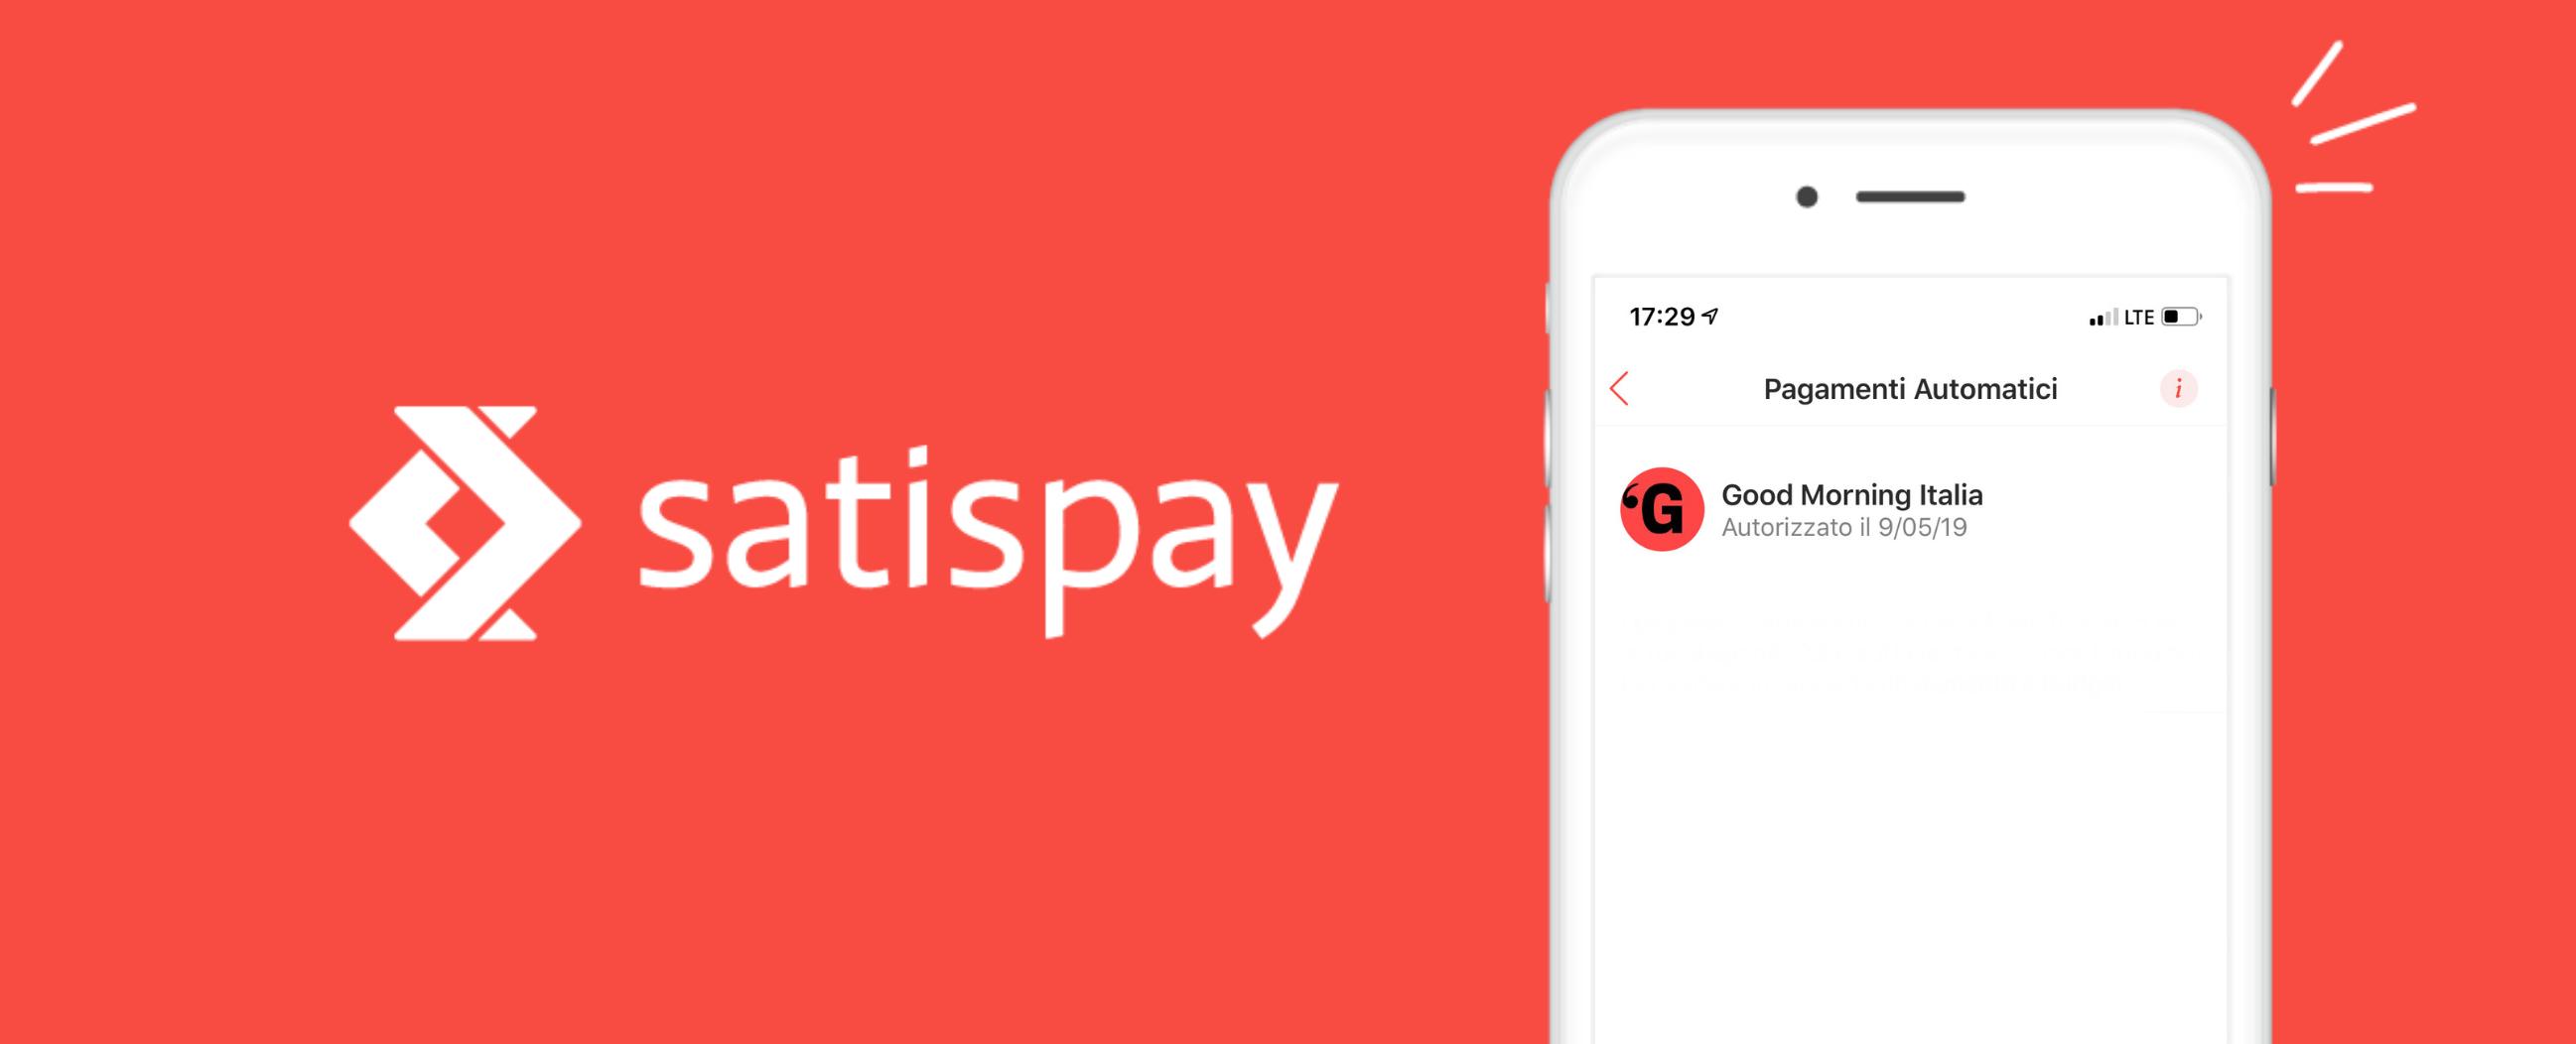 Good Morning Italia si paga con Satispay: scopriamo di cosa si tratta thumbnail